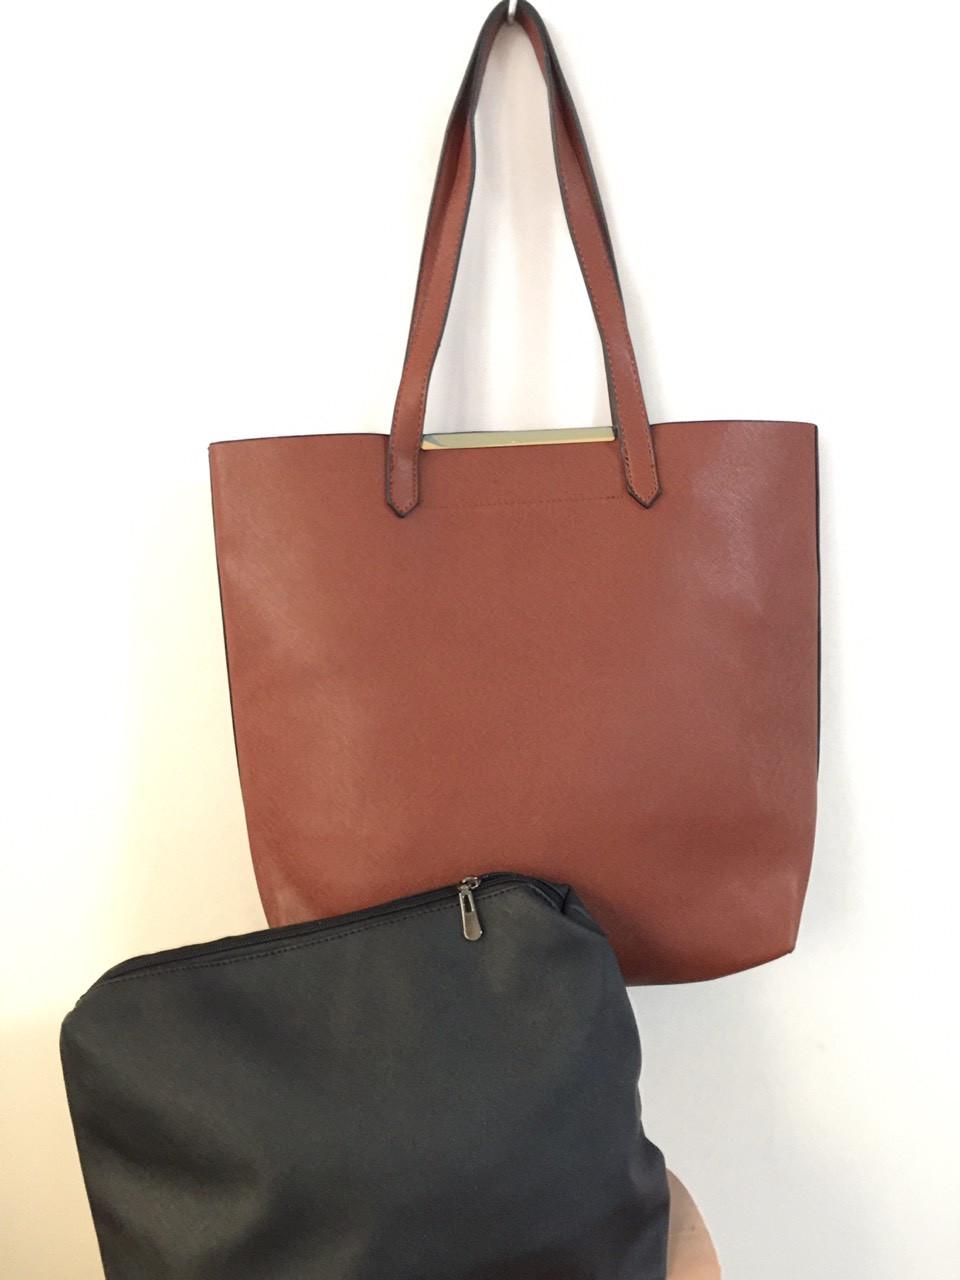 Женская сумка 2 в 1 (сумка + косметичка) МИКС